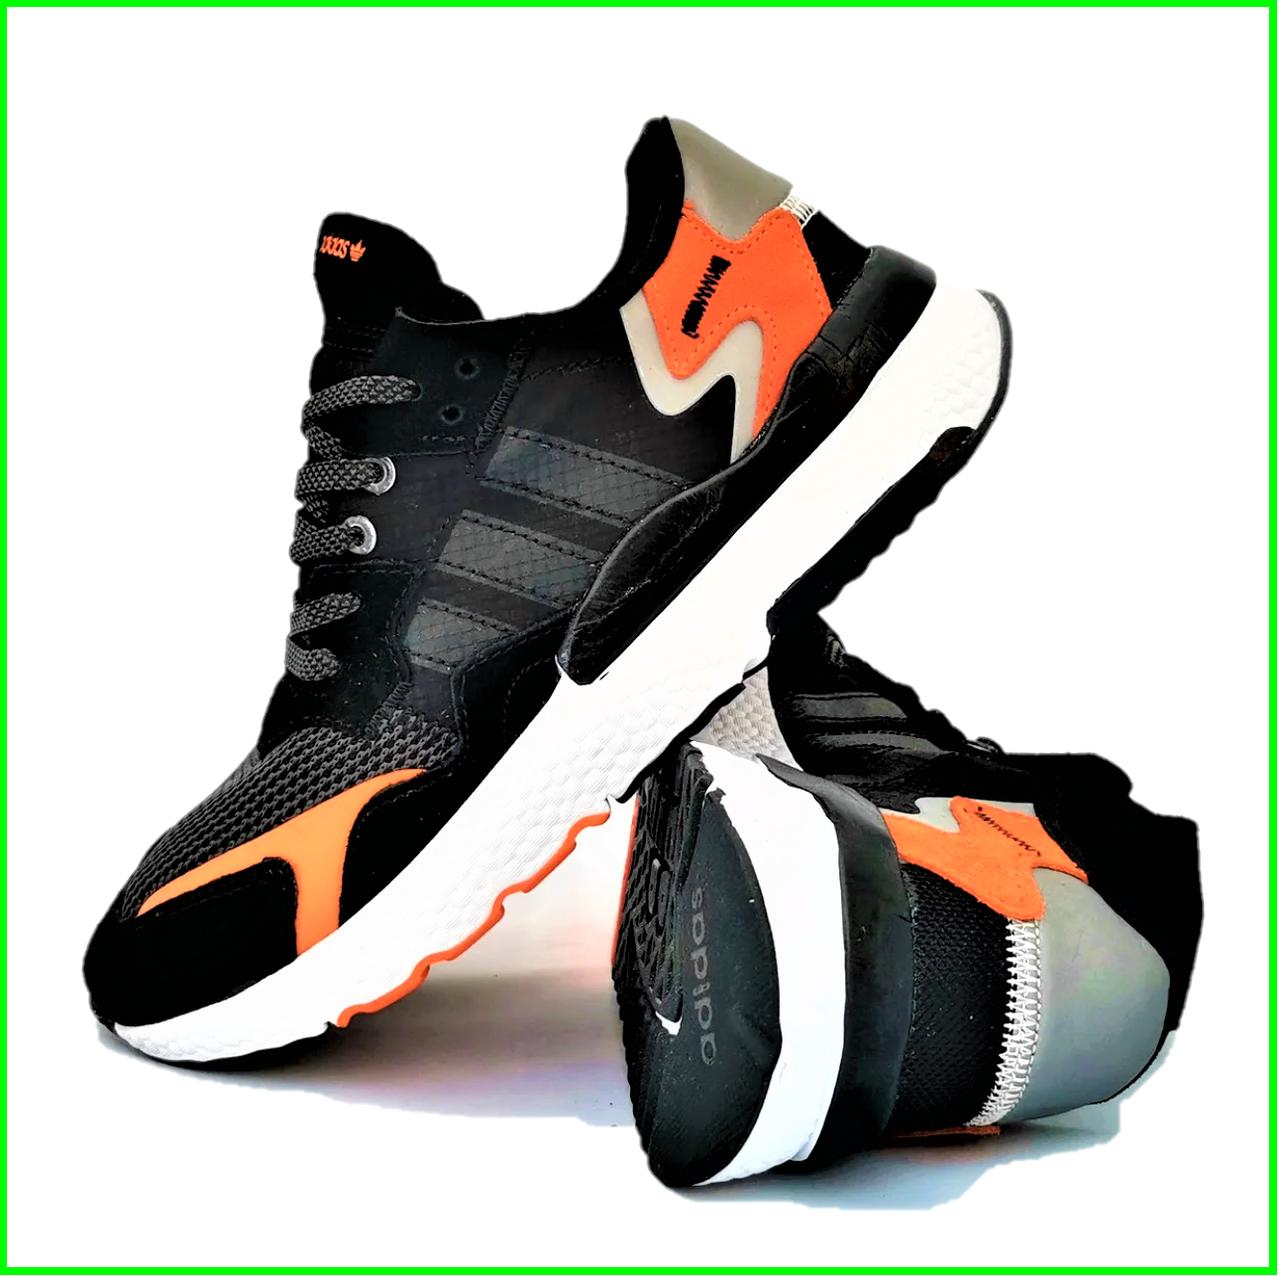 Кросівки Чоловічі Adidas Jogger Чорні Адідас (розміри: 41,42,43,44,45,46) Відео Огляд